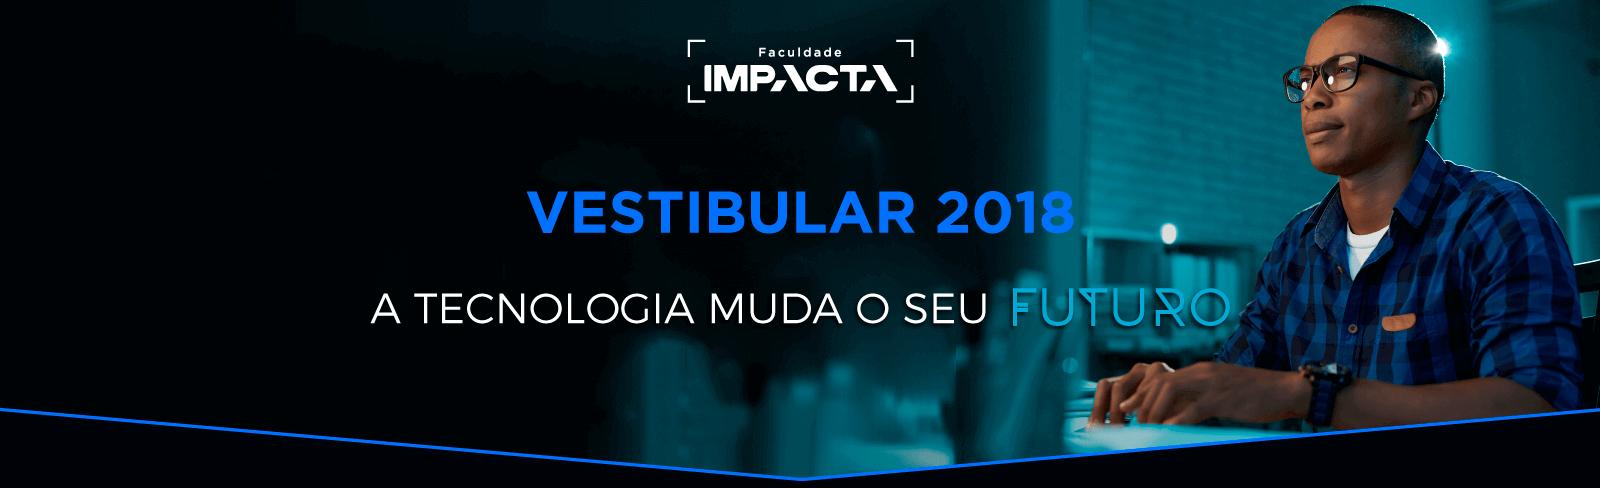 Vestibular Impacta 2018